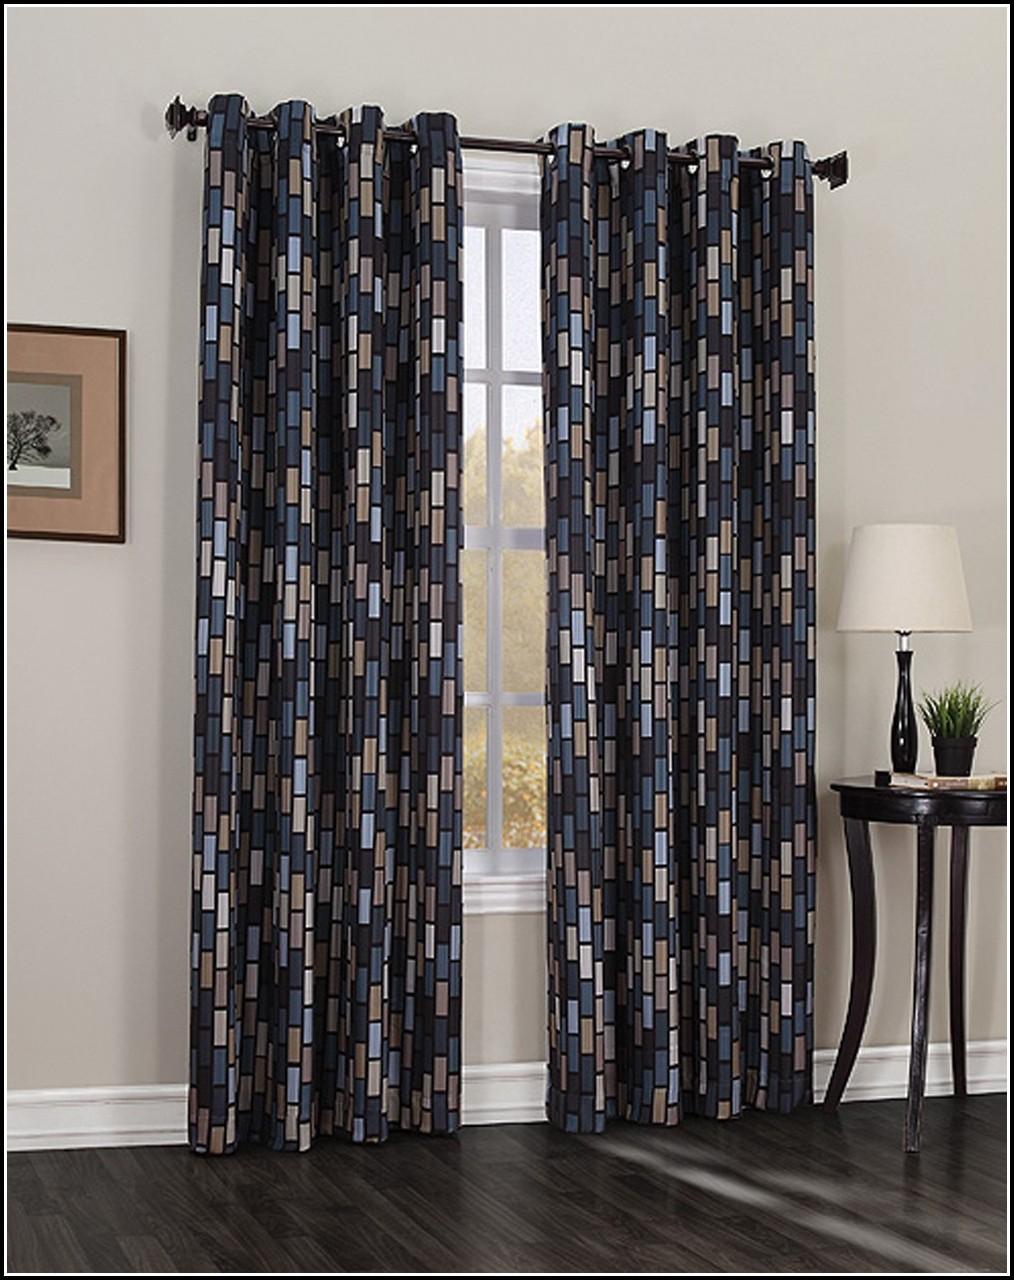 95 Length Curtain Panels Curtains Home Design Ideas Rndle1oq8q27708